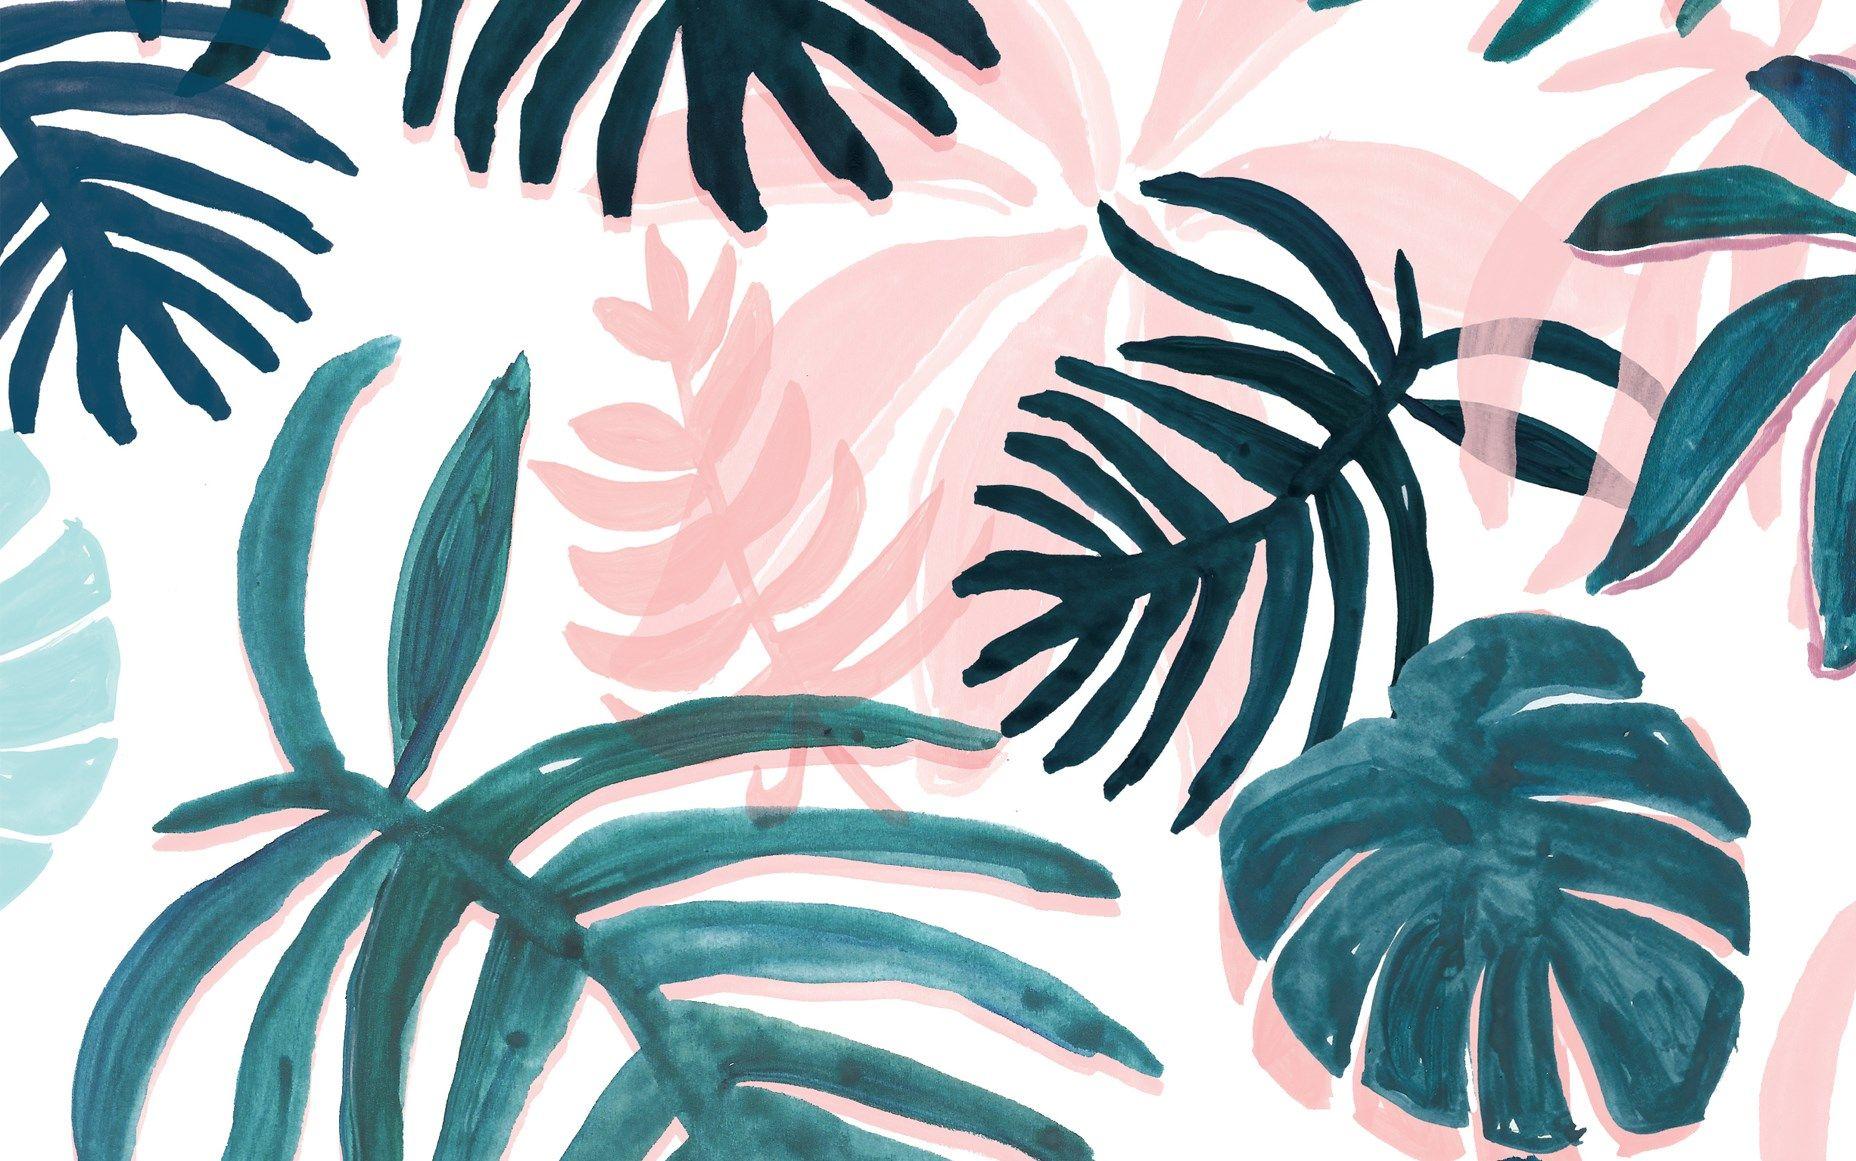 Pinterest Wallpaper For Laptop Papel Tapiz De Libros Descargas De Fondos De Pantalla Fondos De Escritorio Gratis